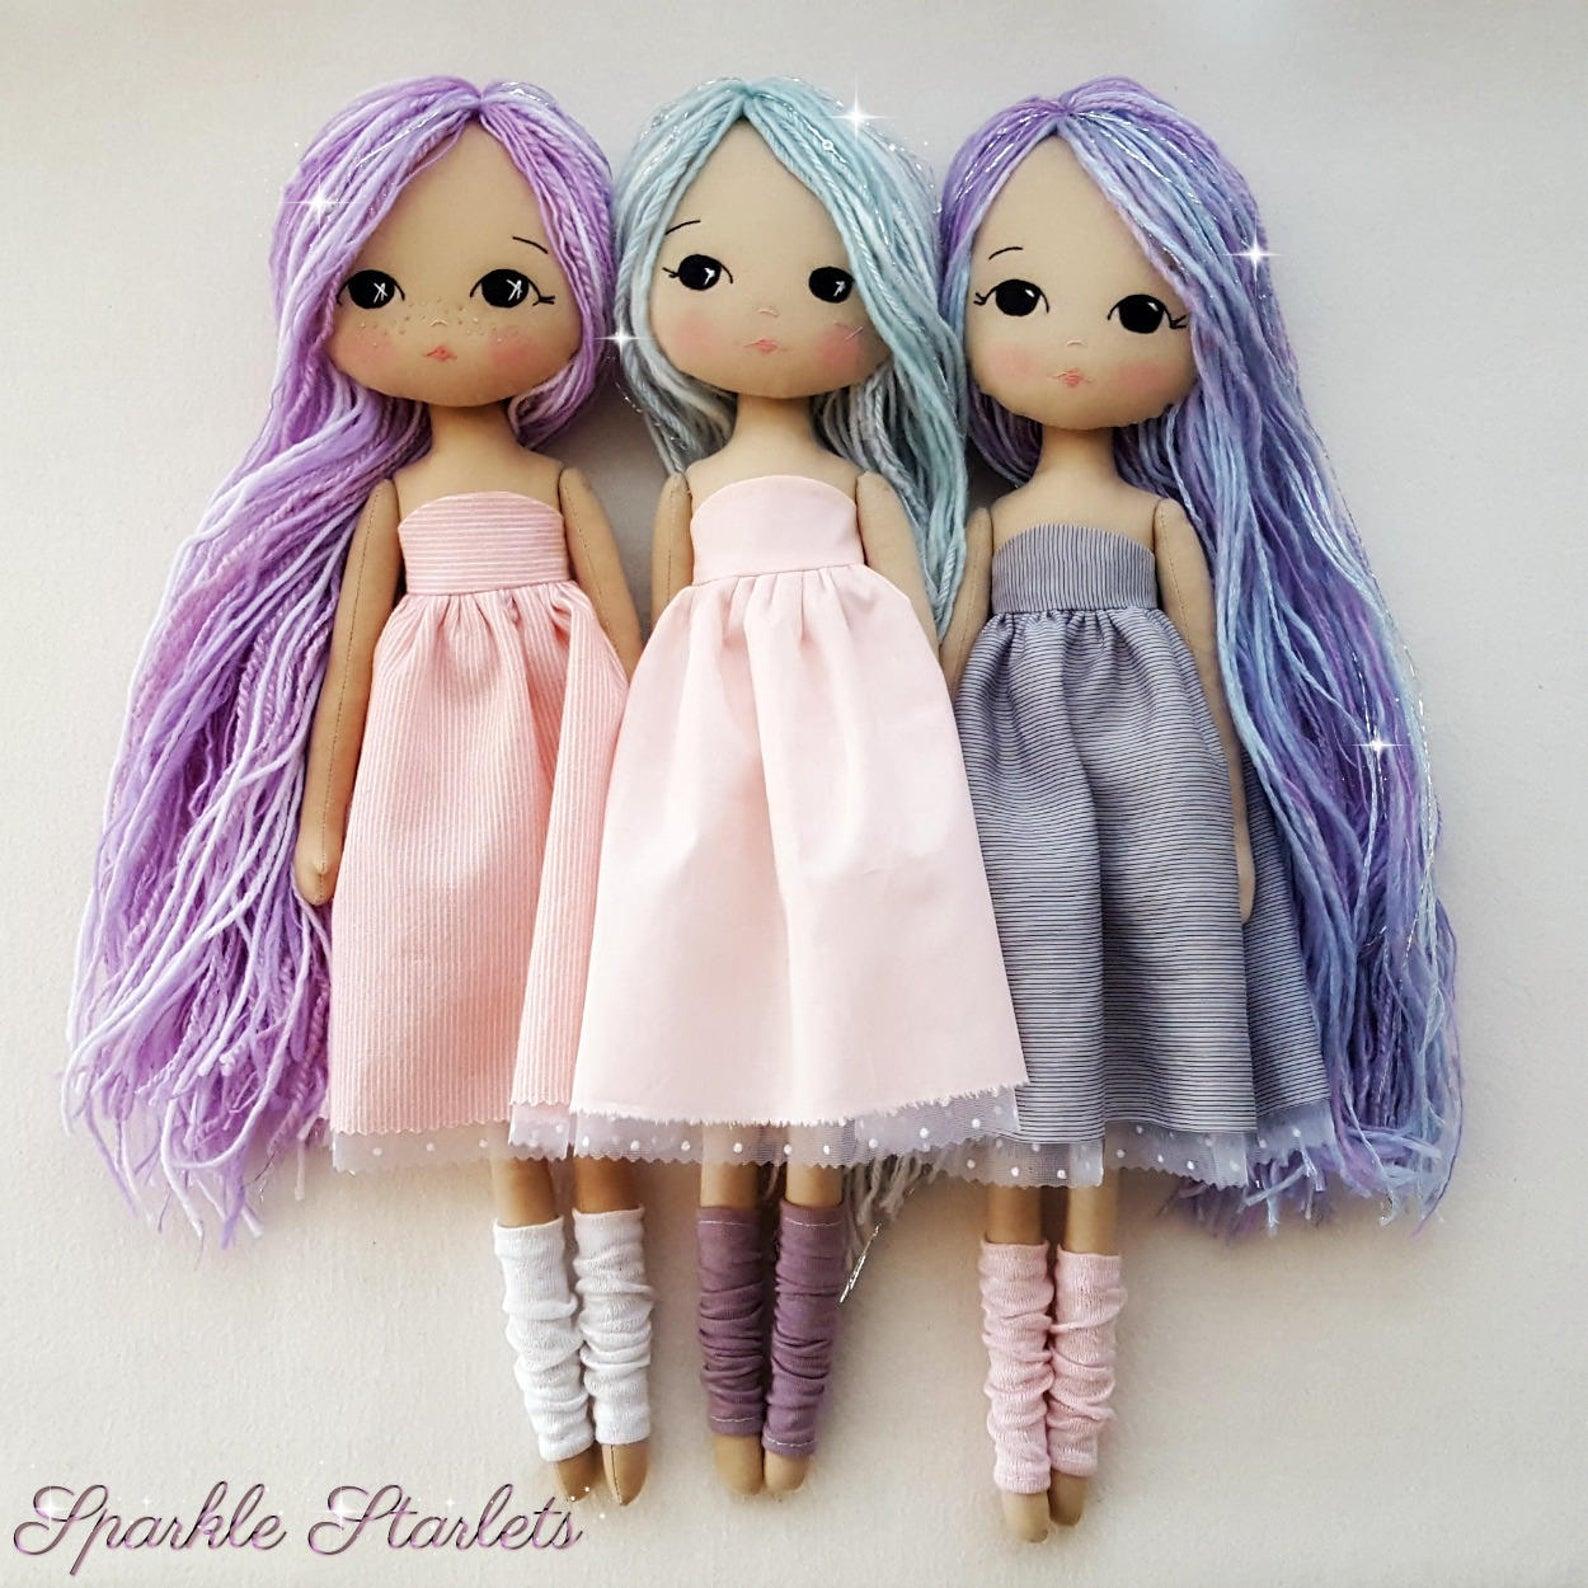 yarn hair doll pattern